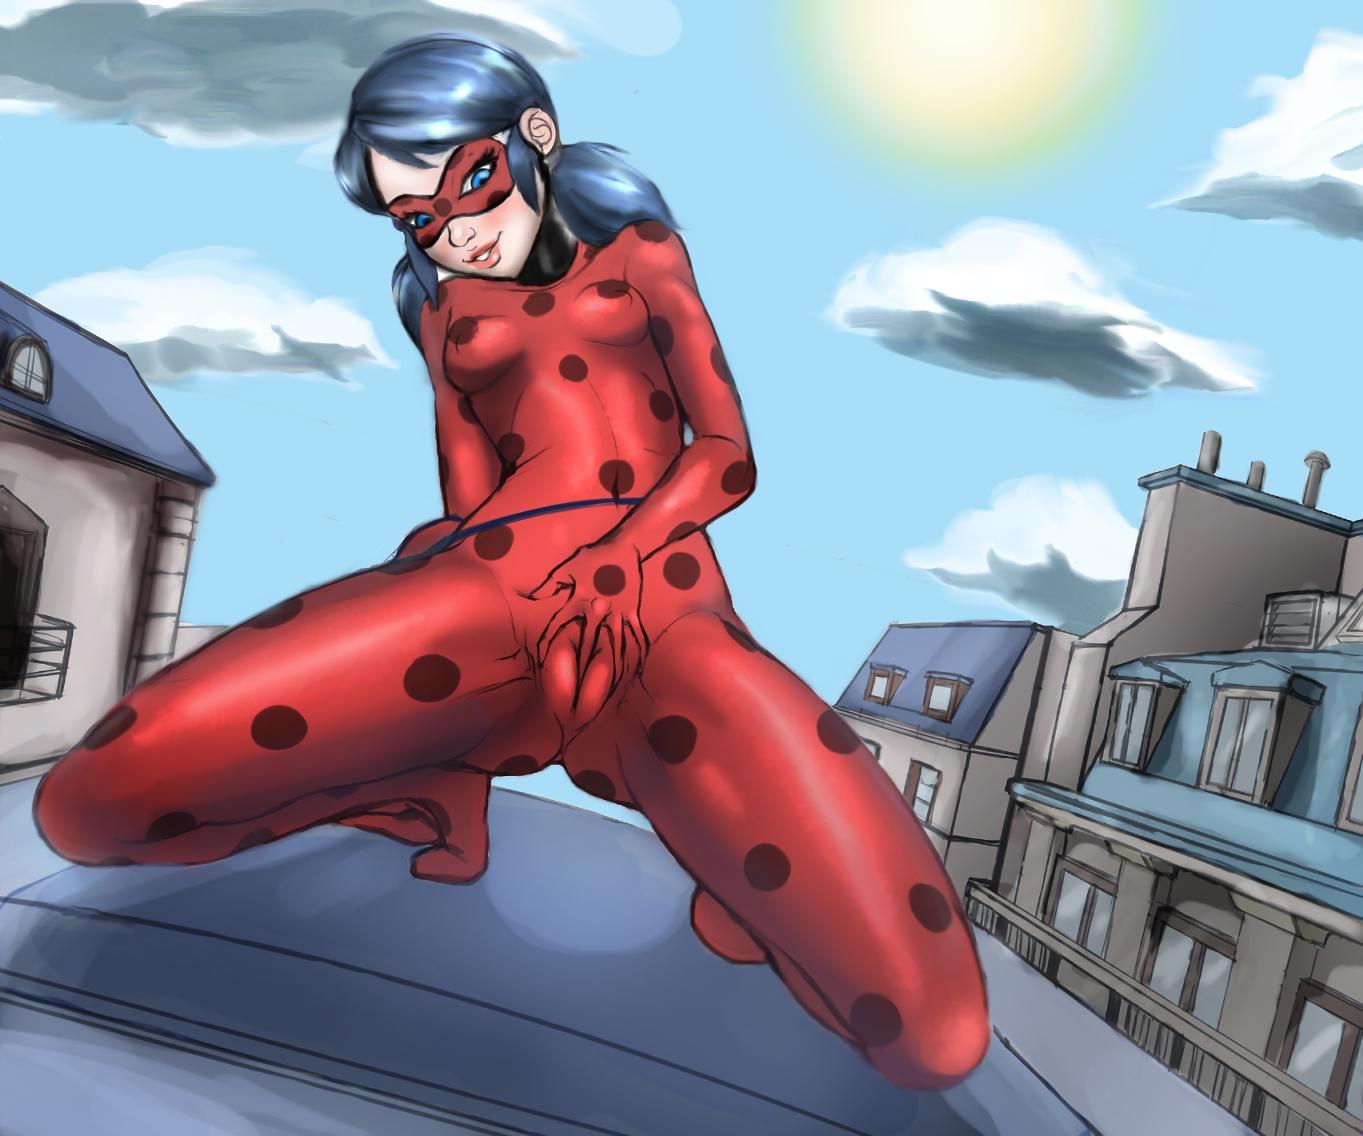 2649907_-_marinette_cheng_miraculous_ladybug